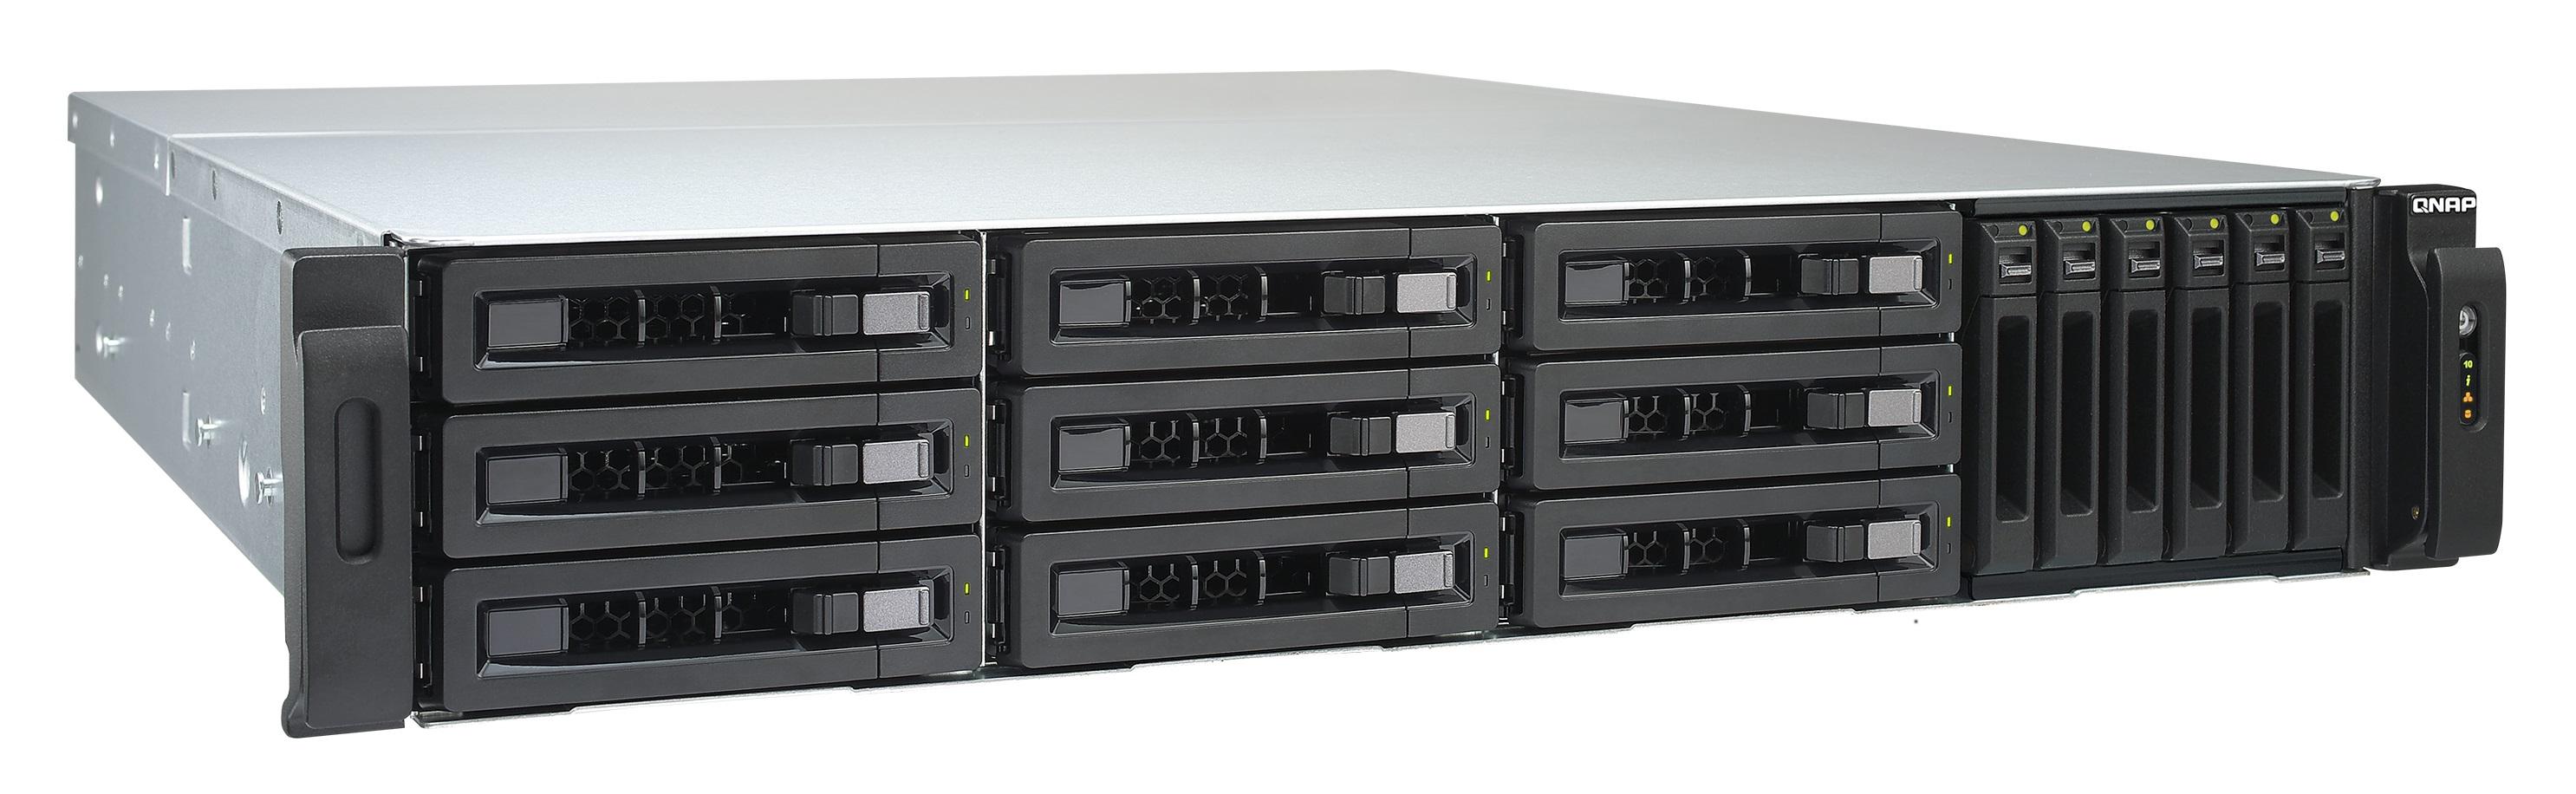 QNAP TVS-EC1580MU-SAS-RP-16G-R2 (3.5GHz, 16GB RAM, 1x HDMI, 4x LAN, 2x 10G LAN, 15x SATA)